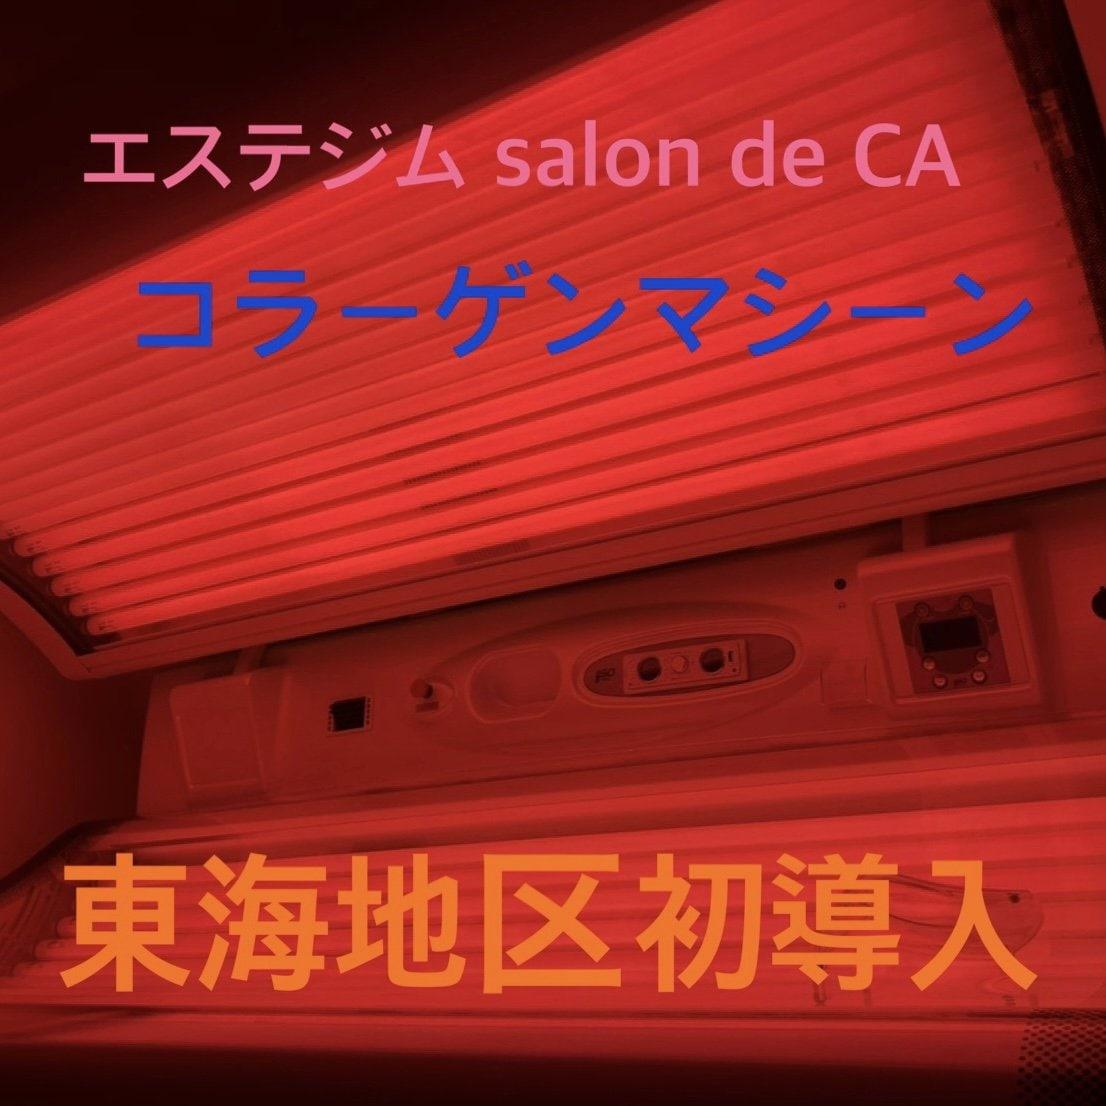 コラーゲンマシン体験チケットのイメージその1